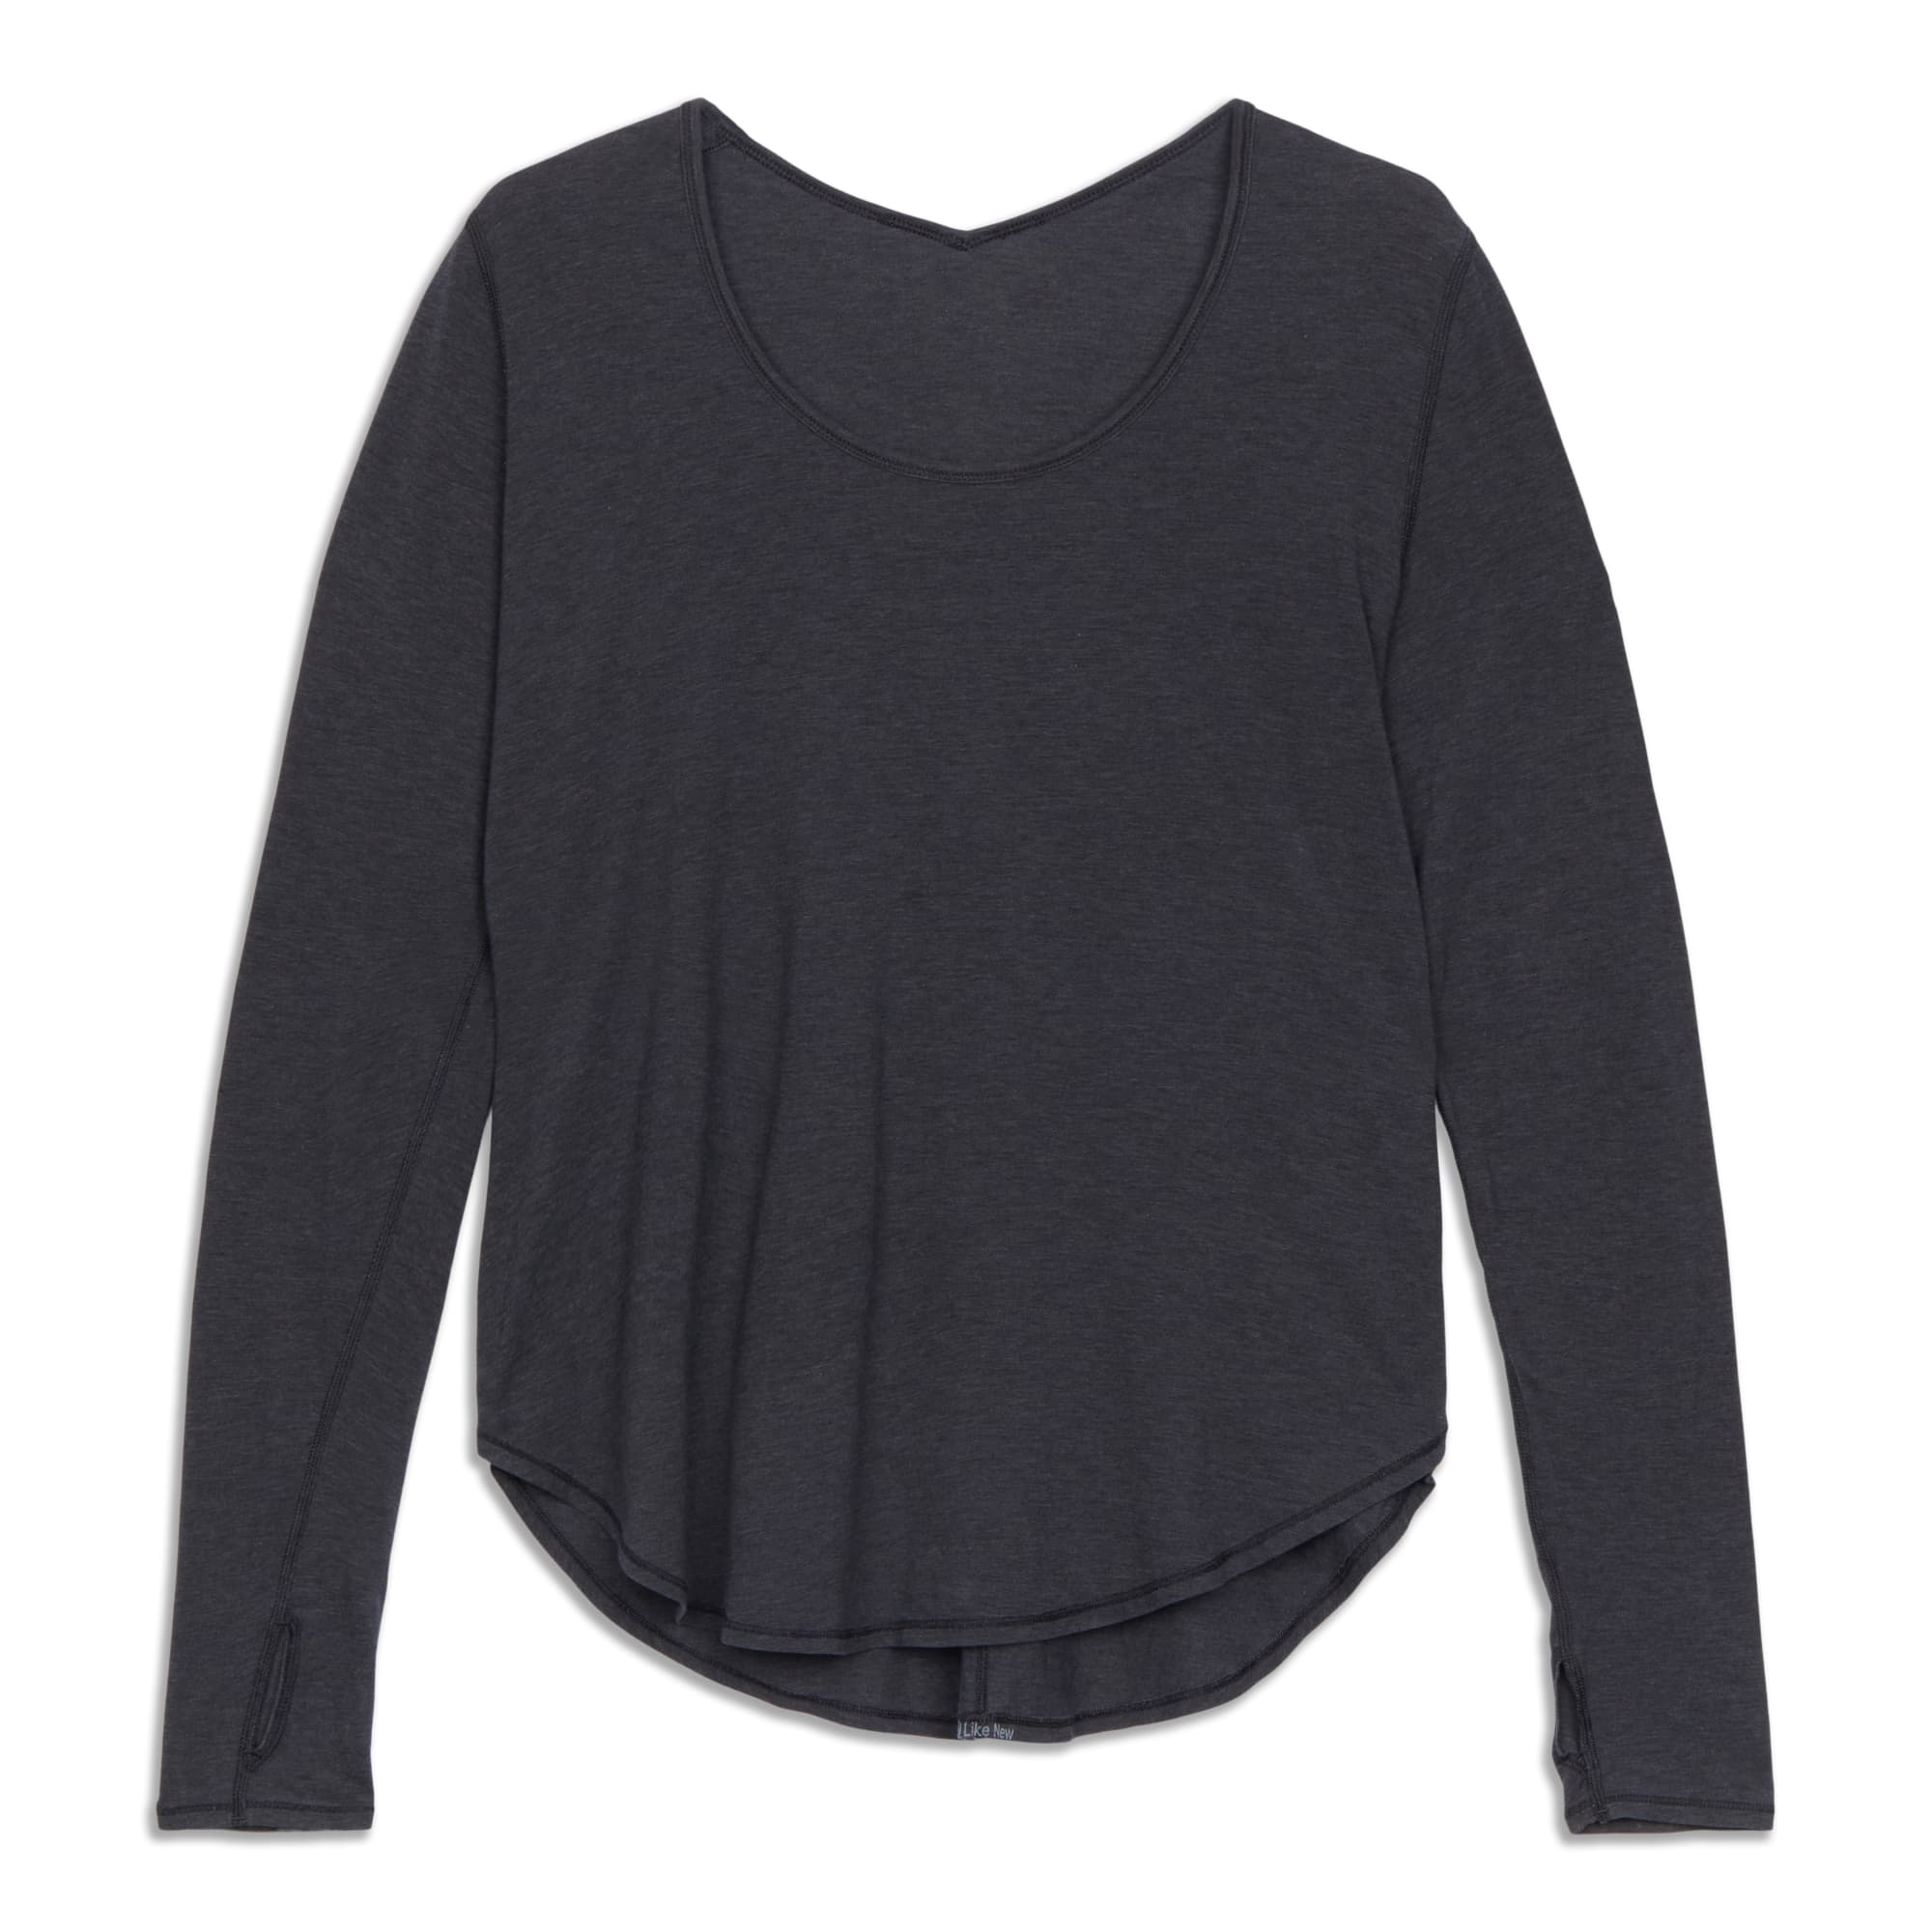 Main product image: Yogini Year Long Sleeve Shirt - Resale